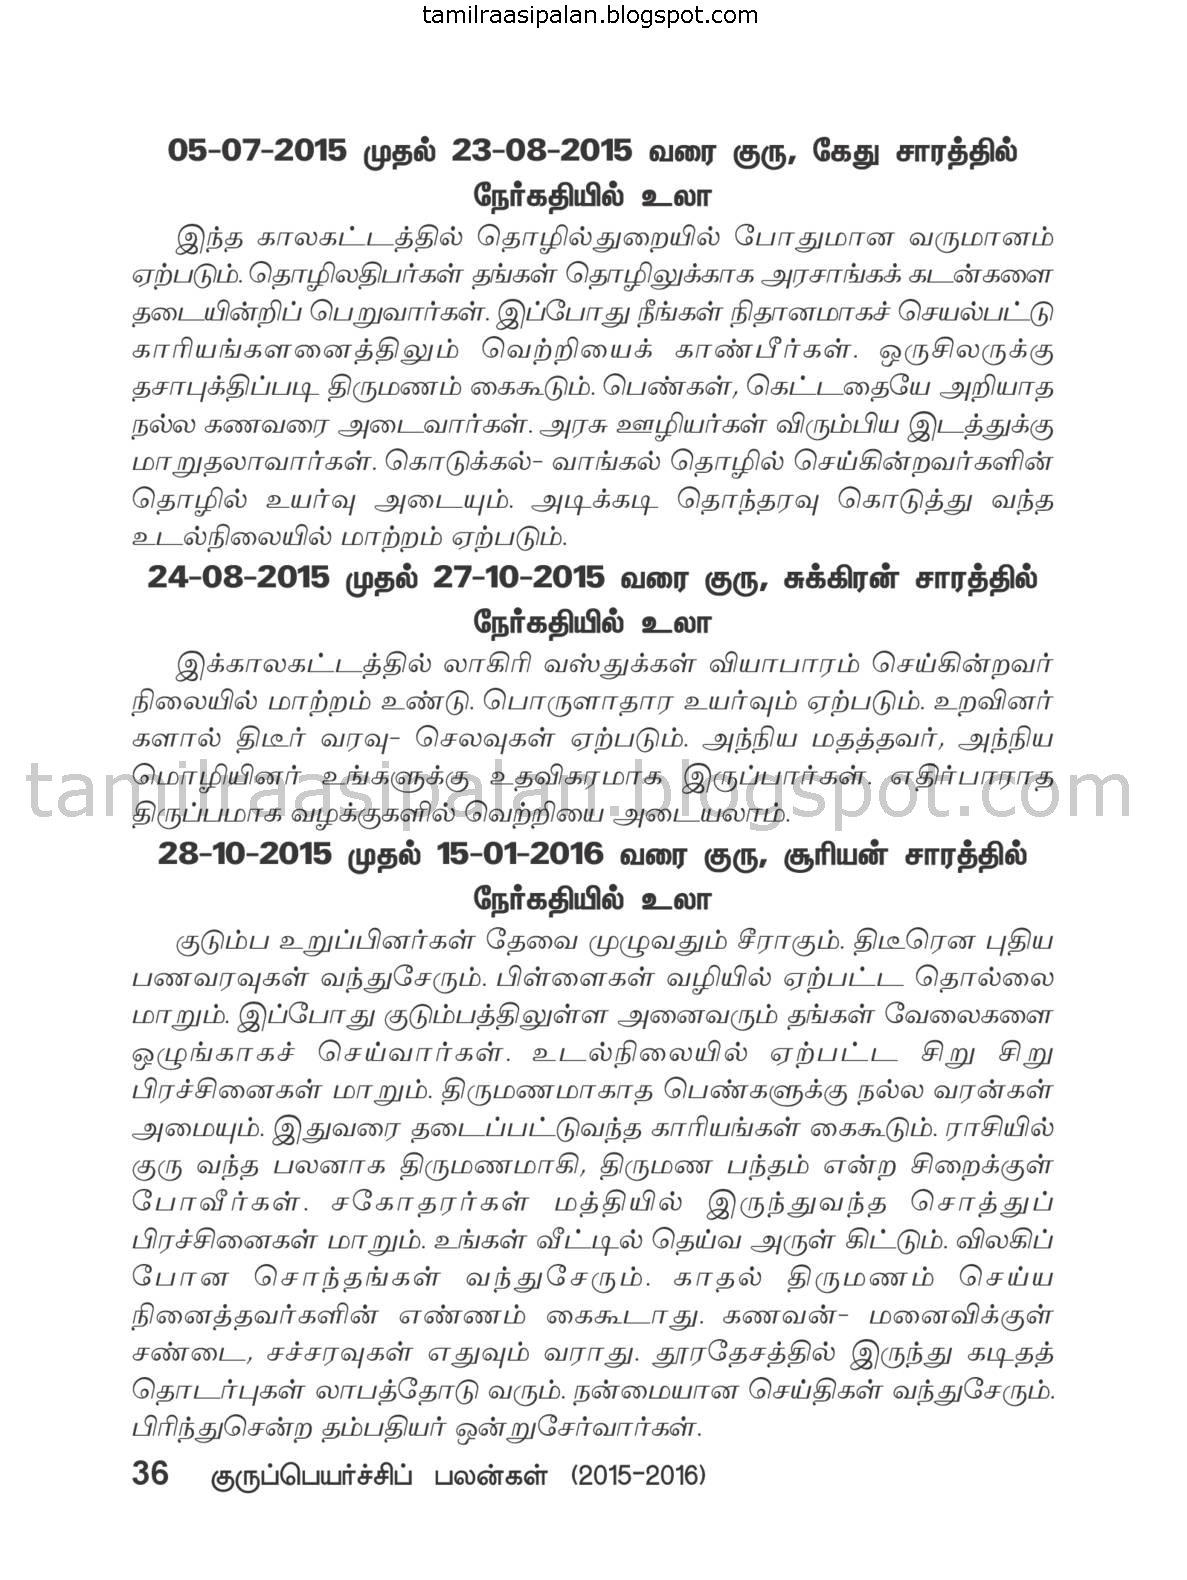 Simmam Guru Peyarchi Palan-2015-2016 Free Online